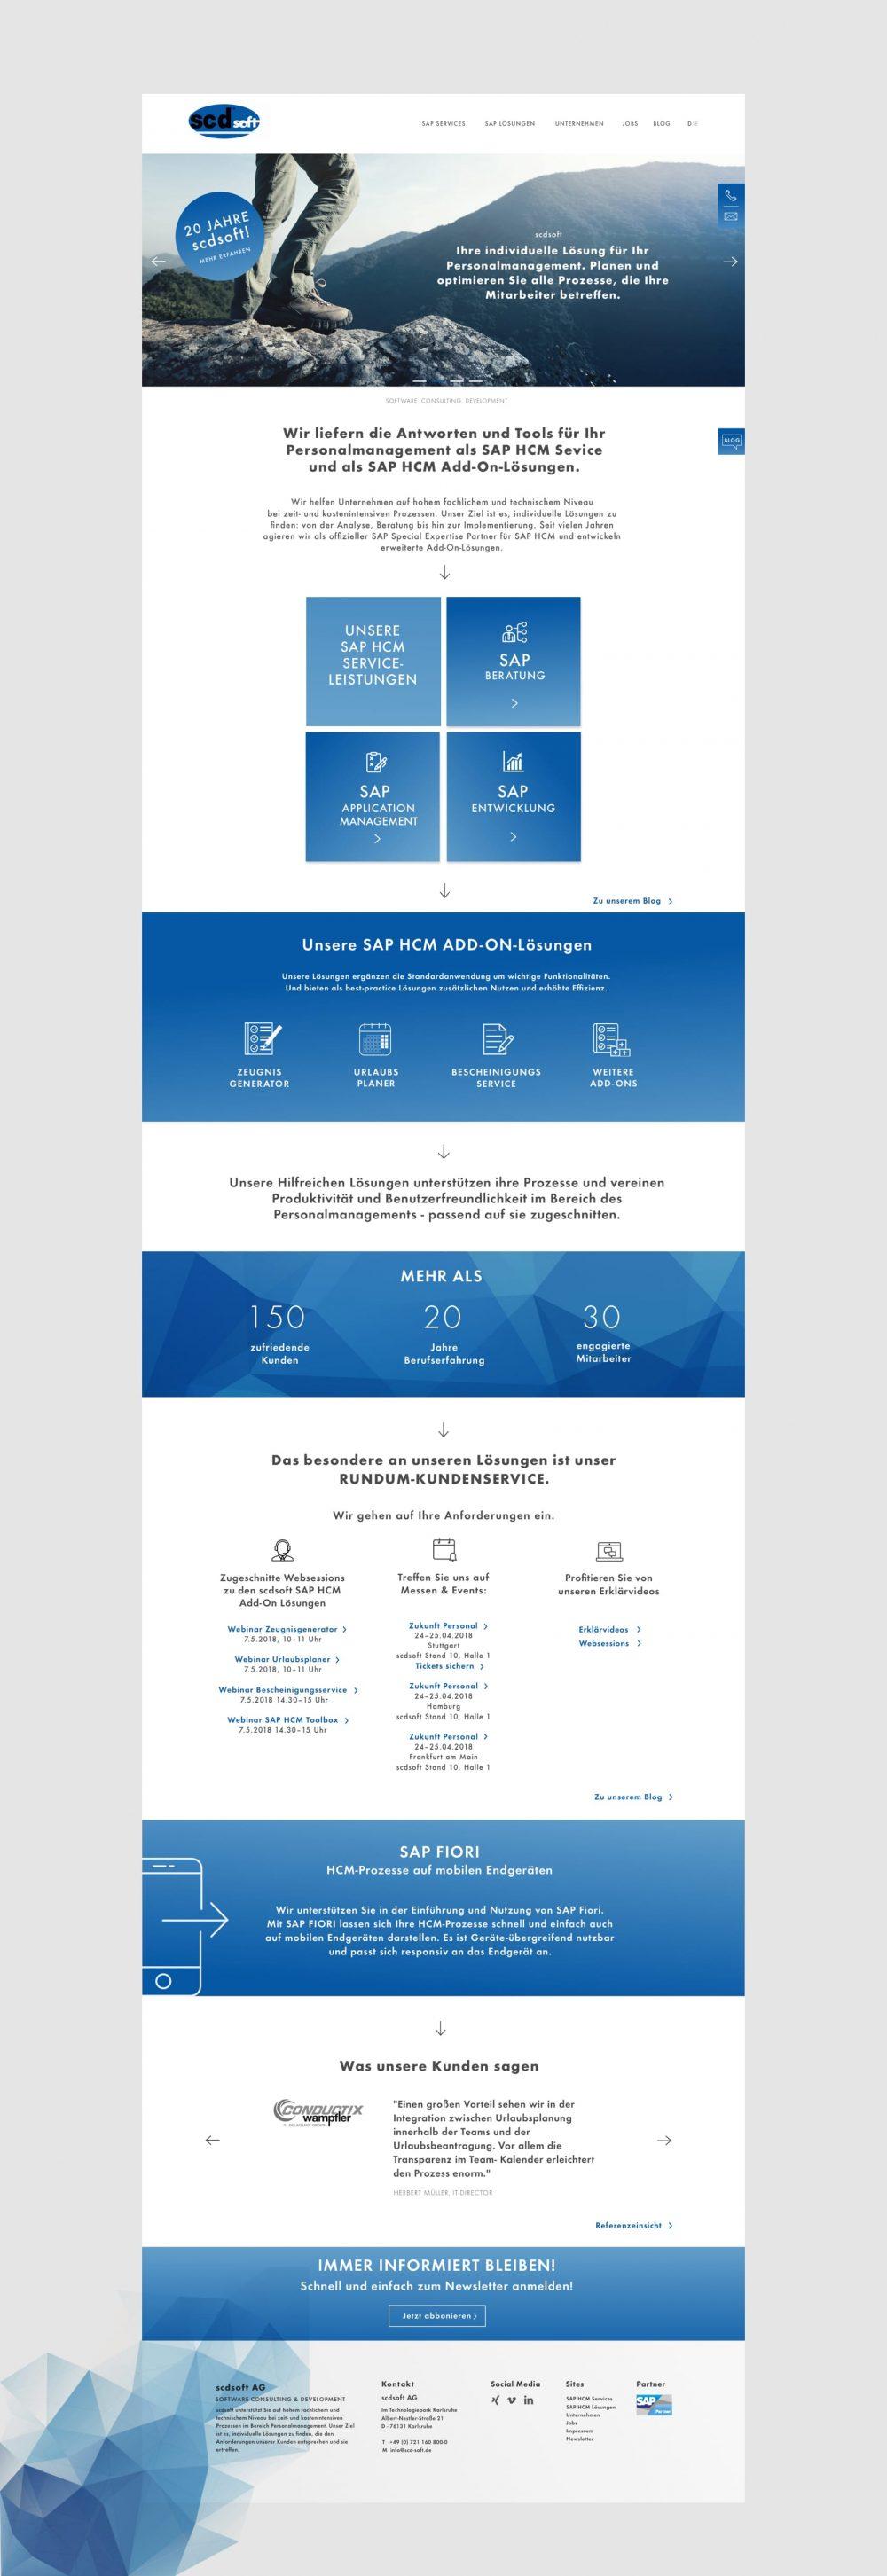 grundmanngestaltung Website- und UX Design scdsoft AG